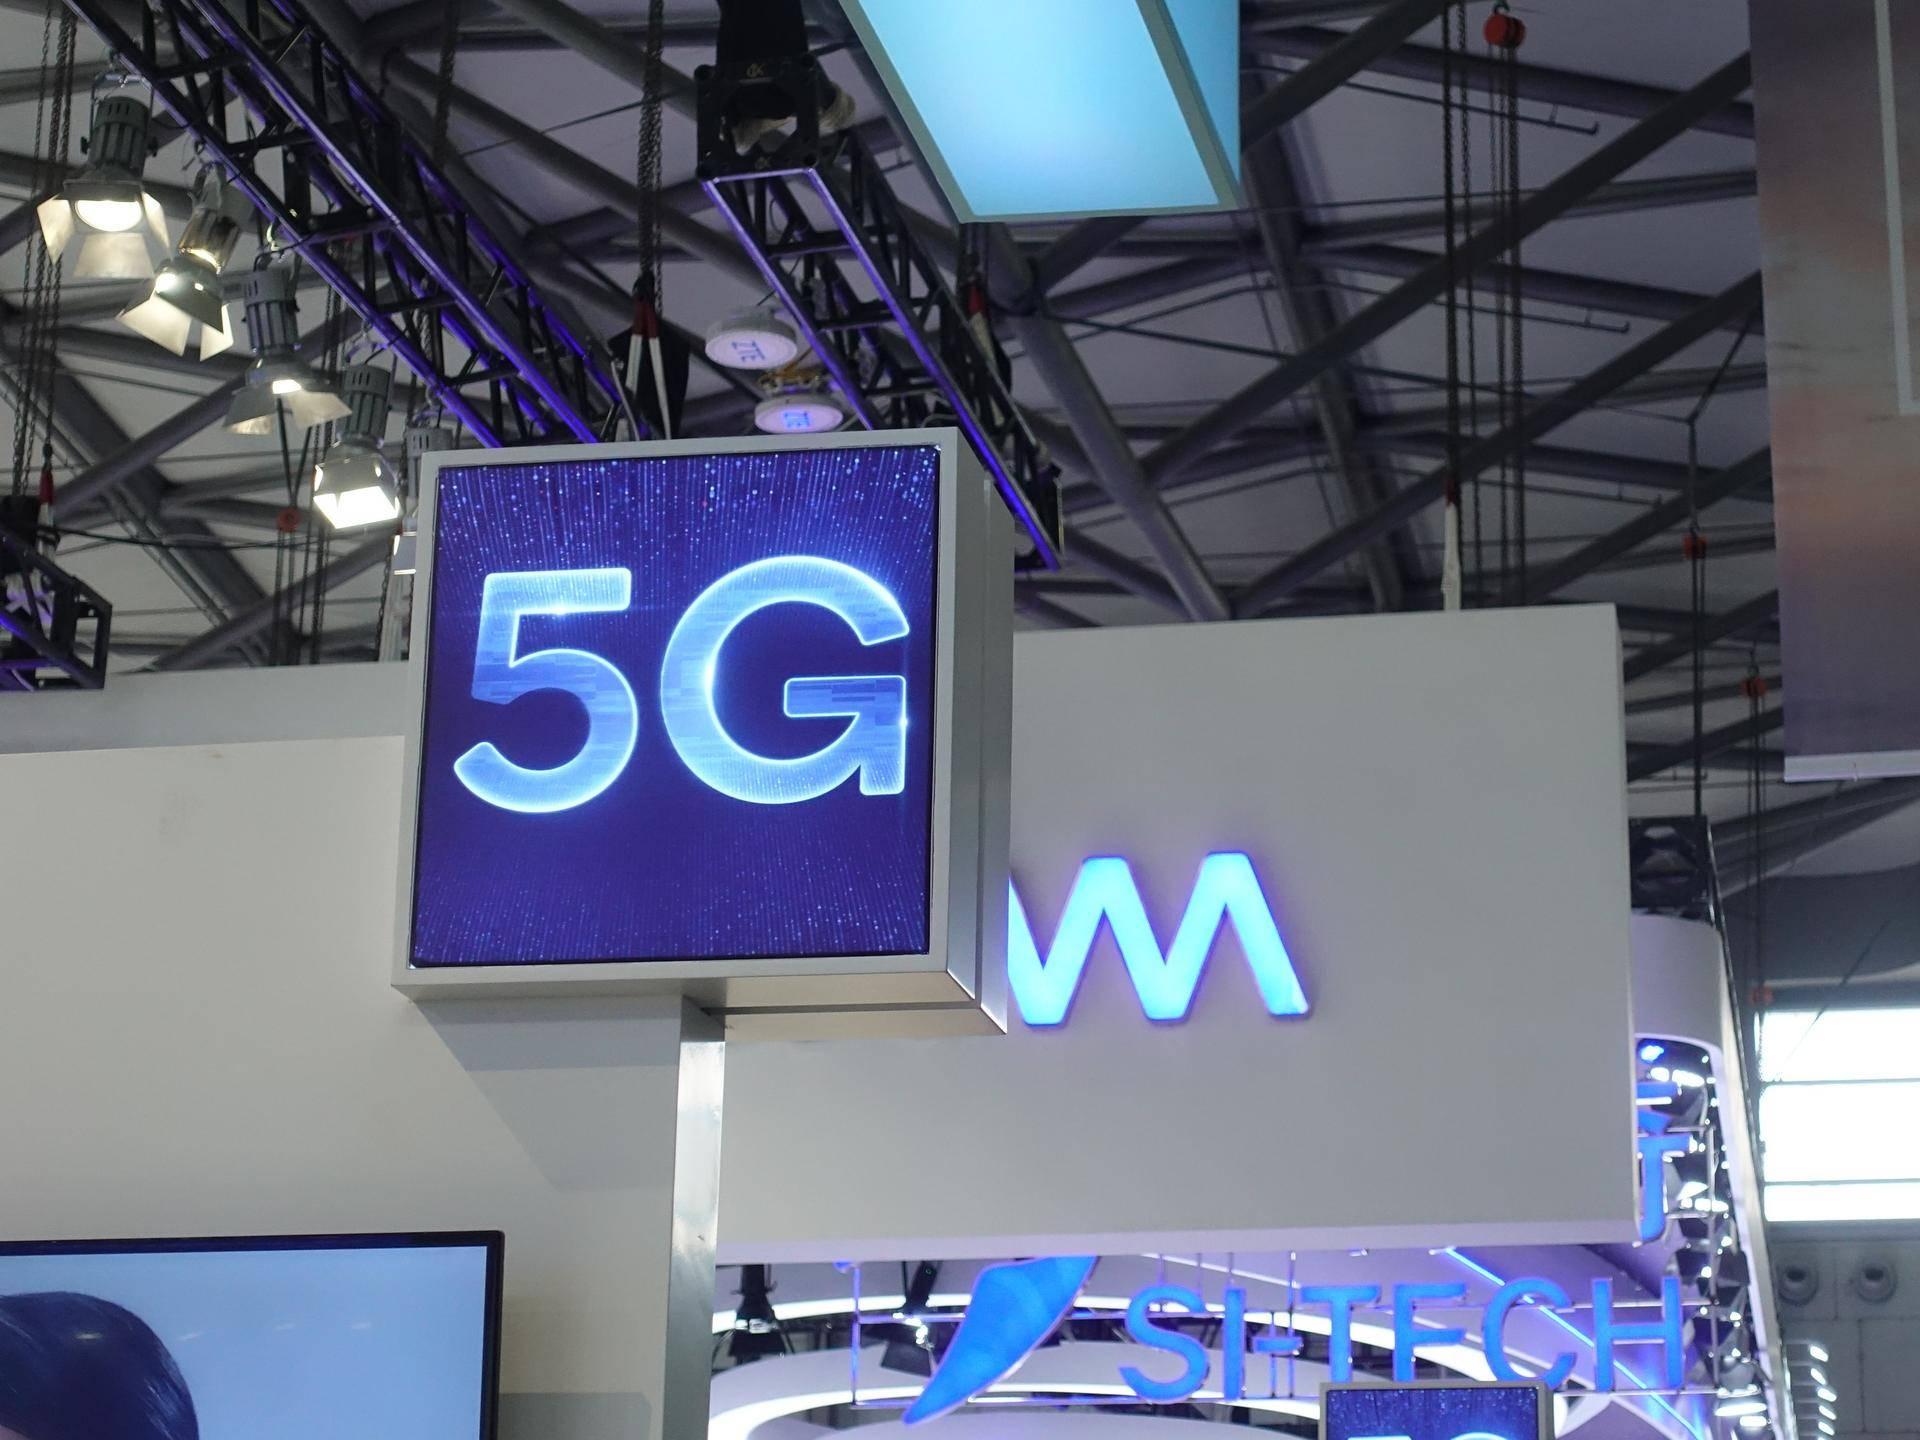 云电脑+5G简单体验 荣耀V30 PRO可不止手机那么简单